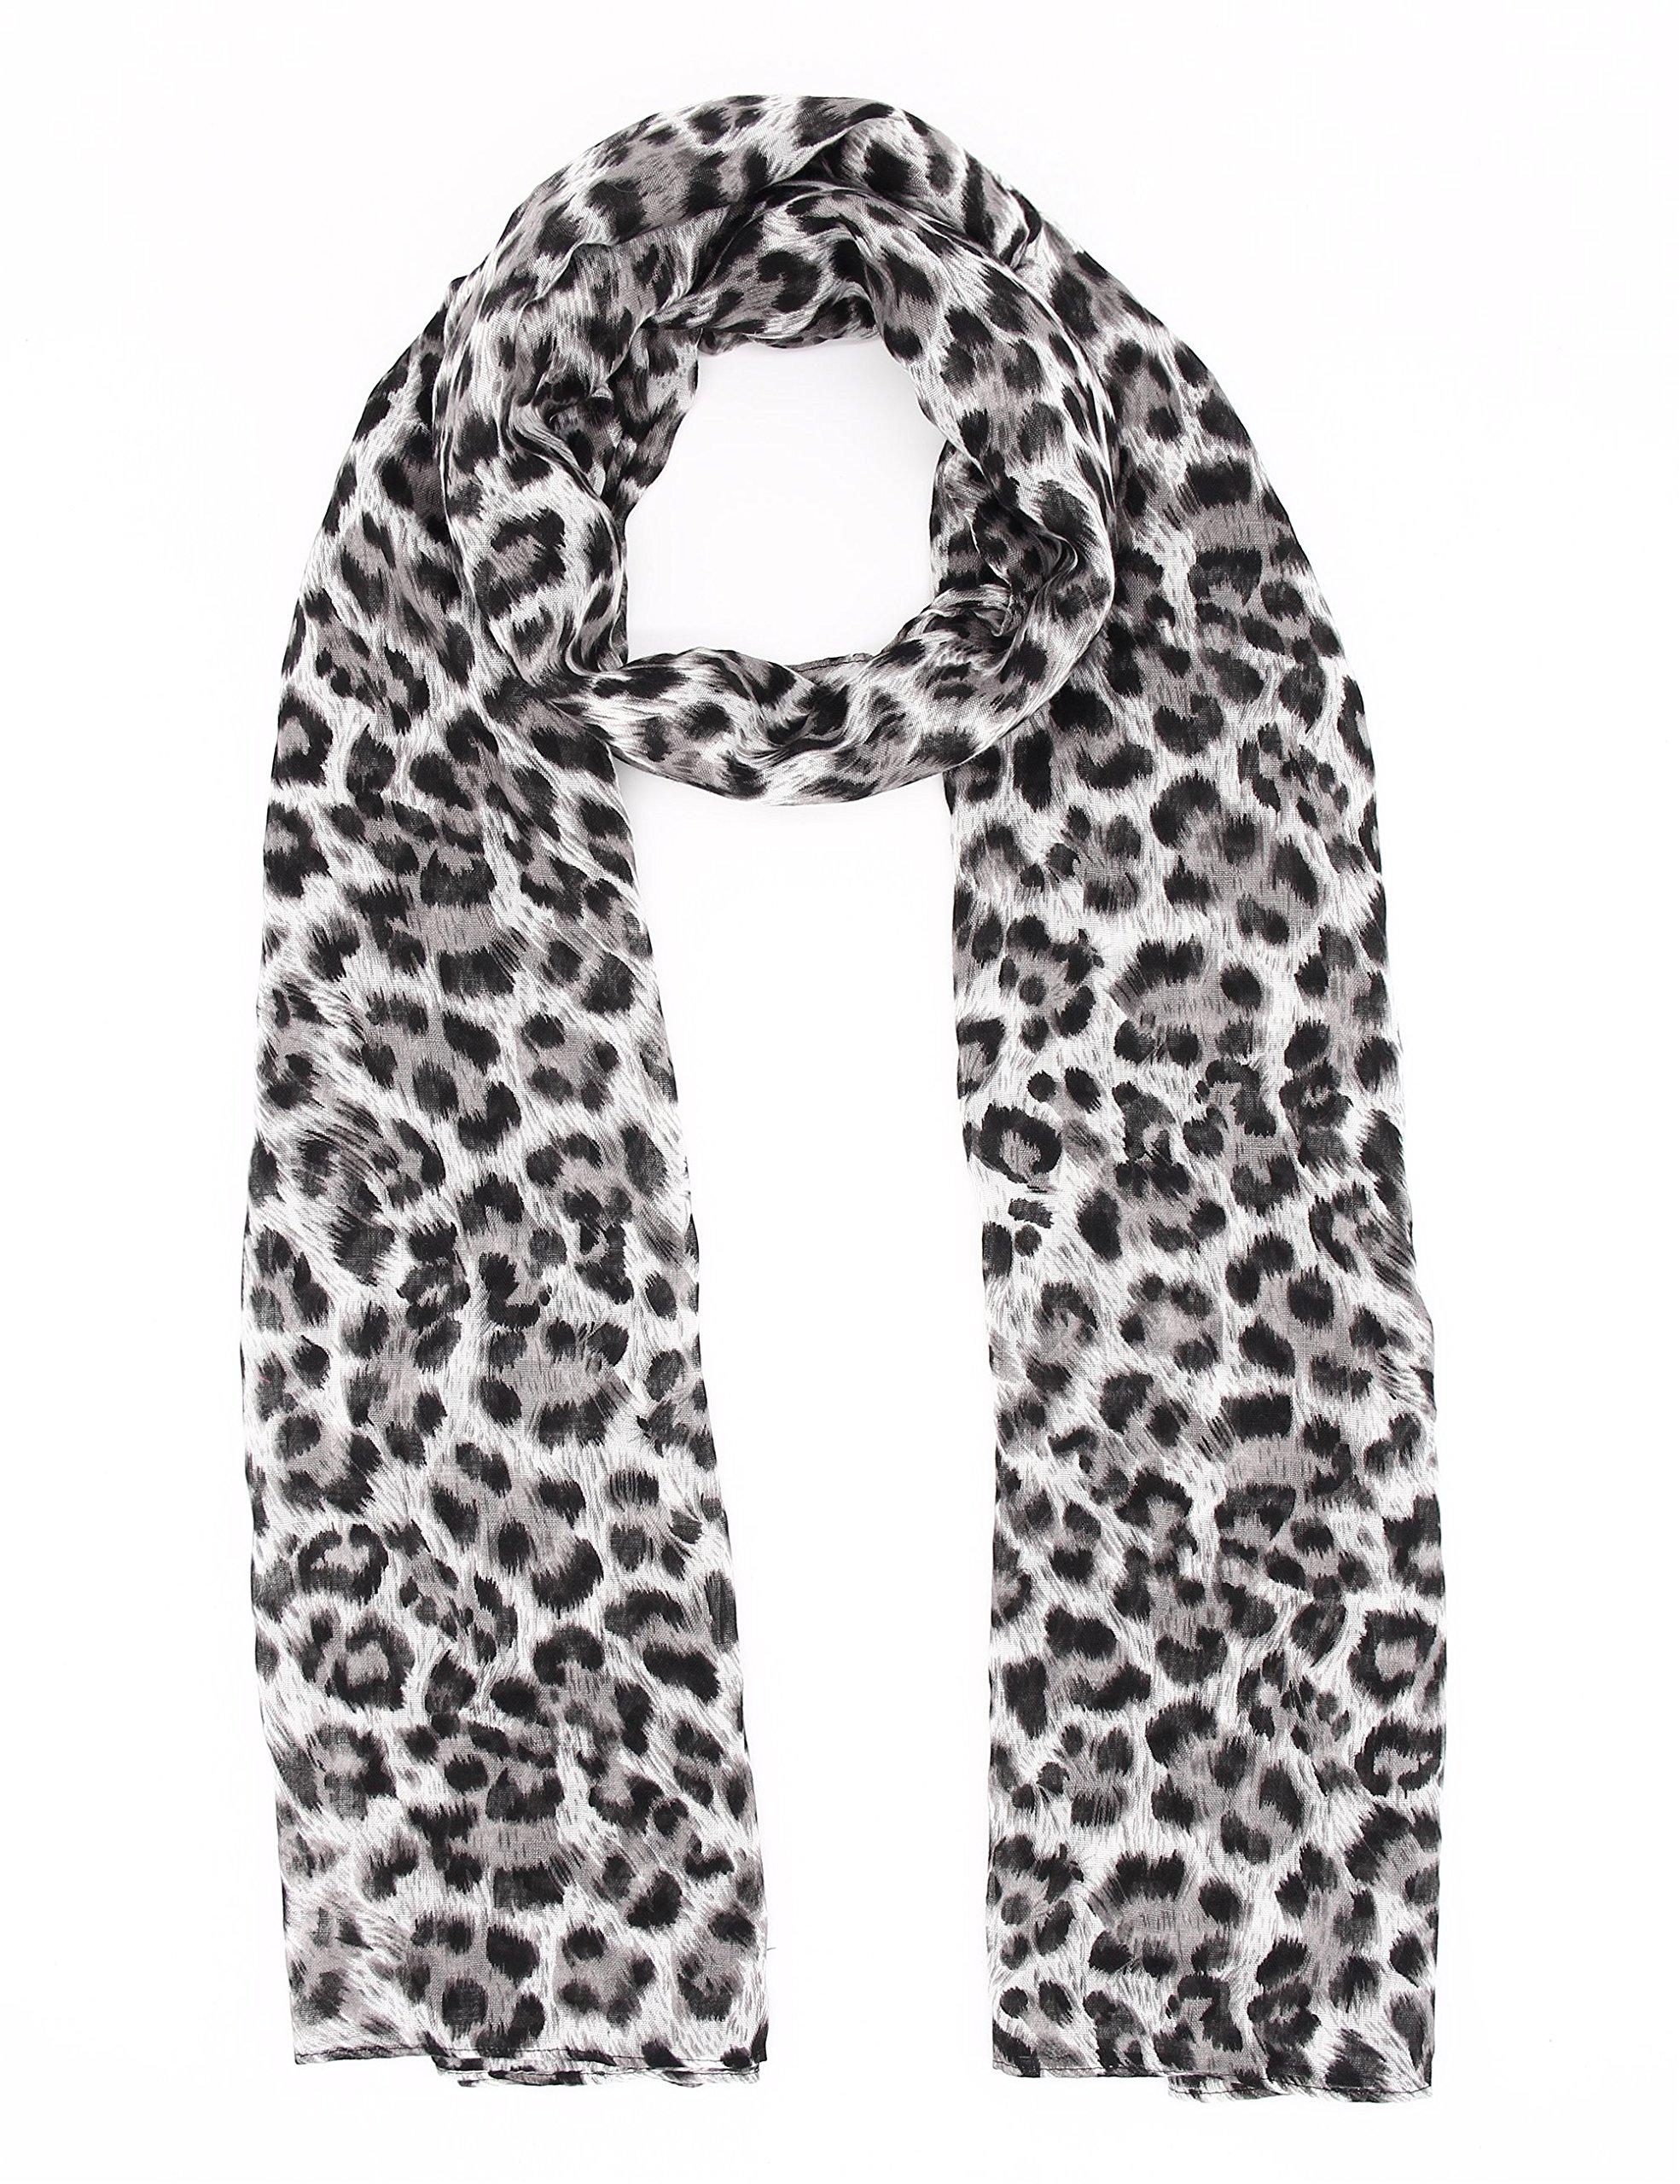 Chiffon Scarfs For Women Classic Leopard Lightweight Fashion Soft Large Shawl Wrap Print Long Head Scarfs By J'Mysticon